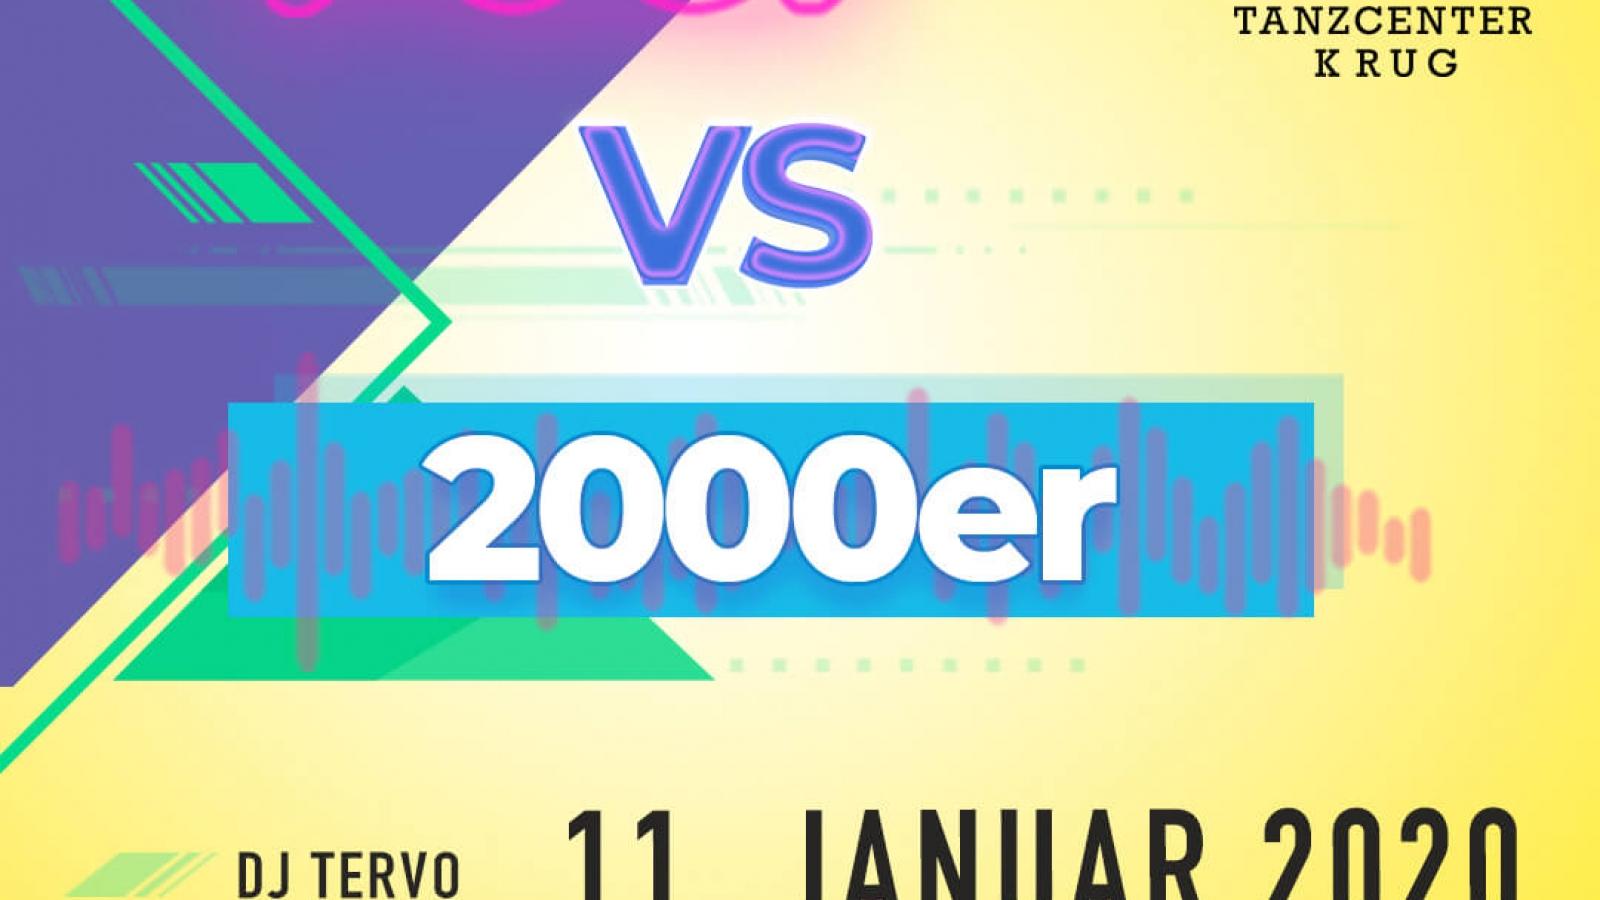 90ervs2000er_Insta